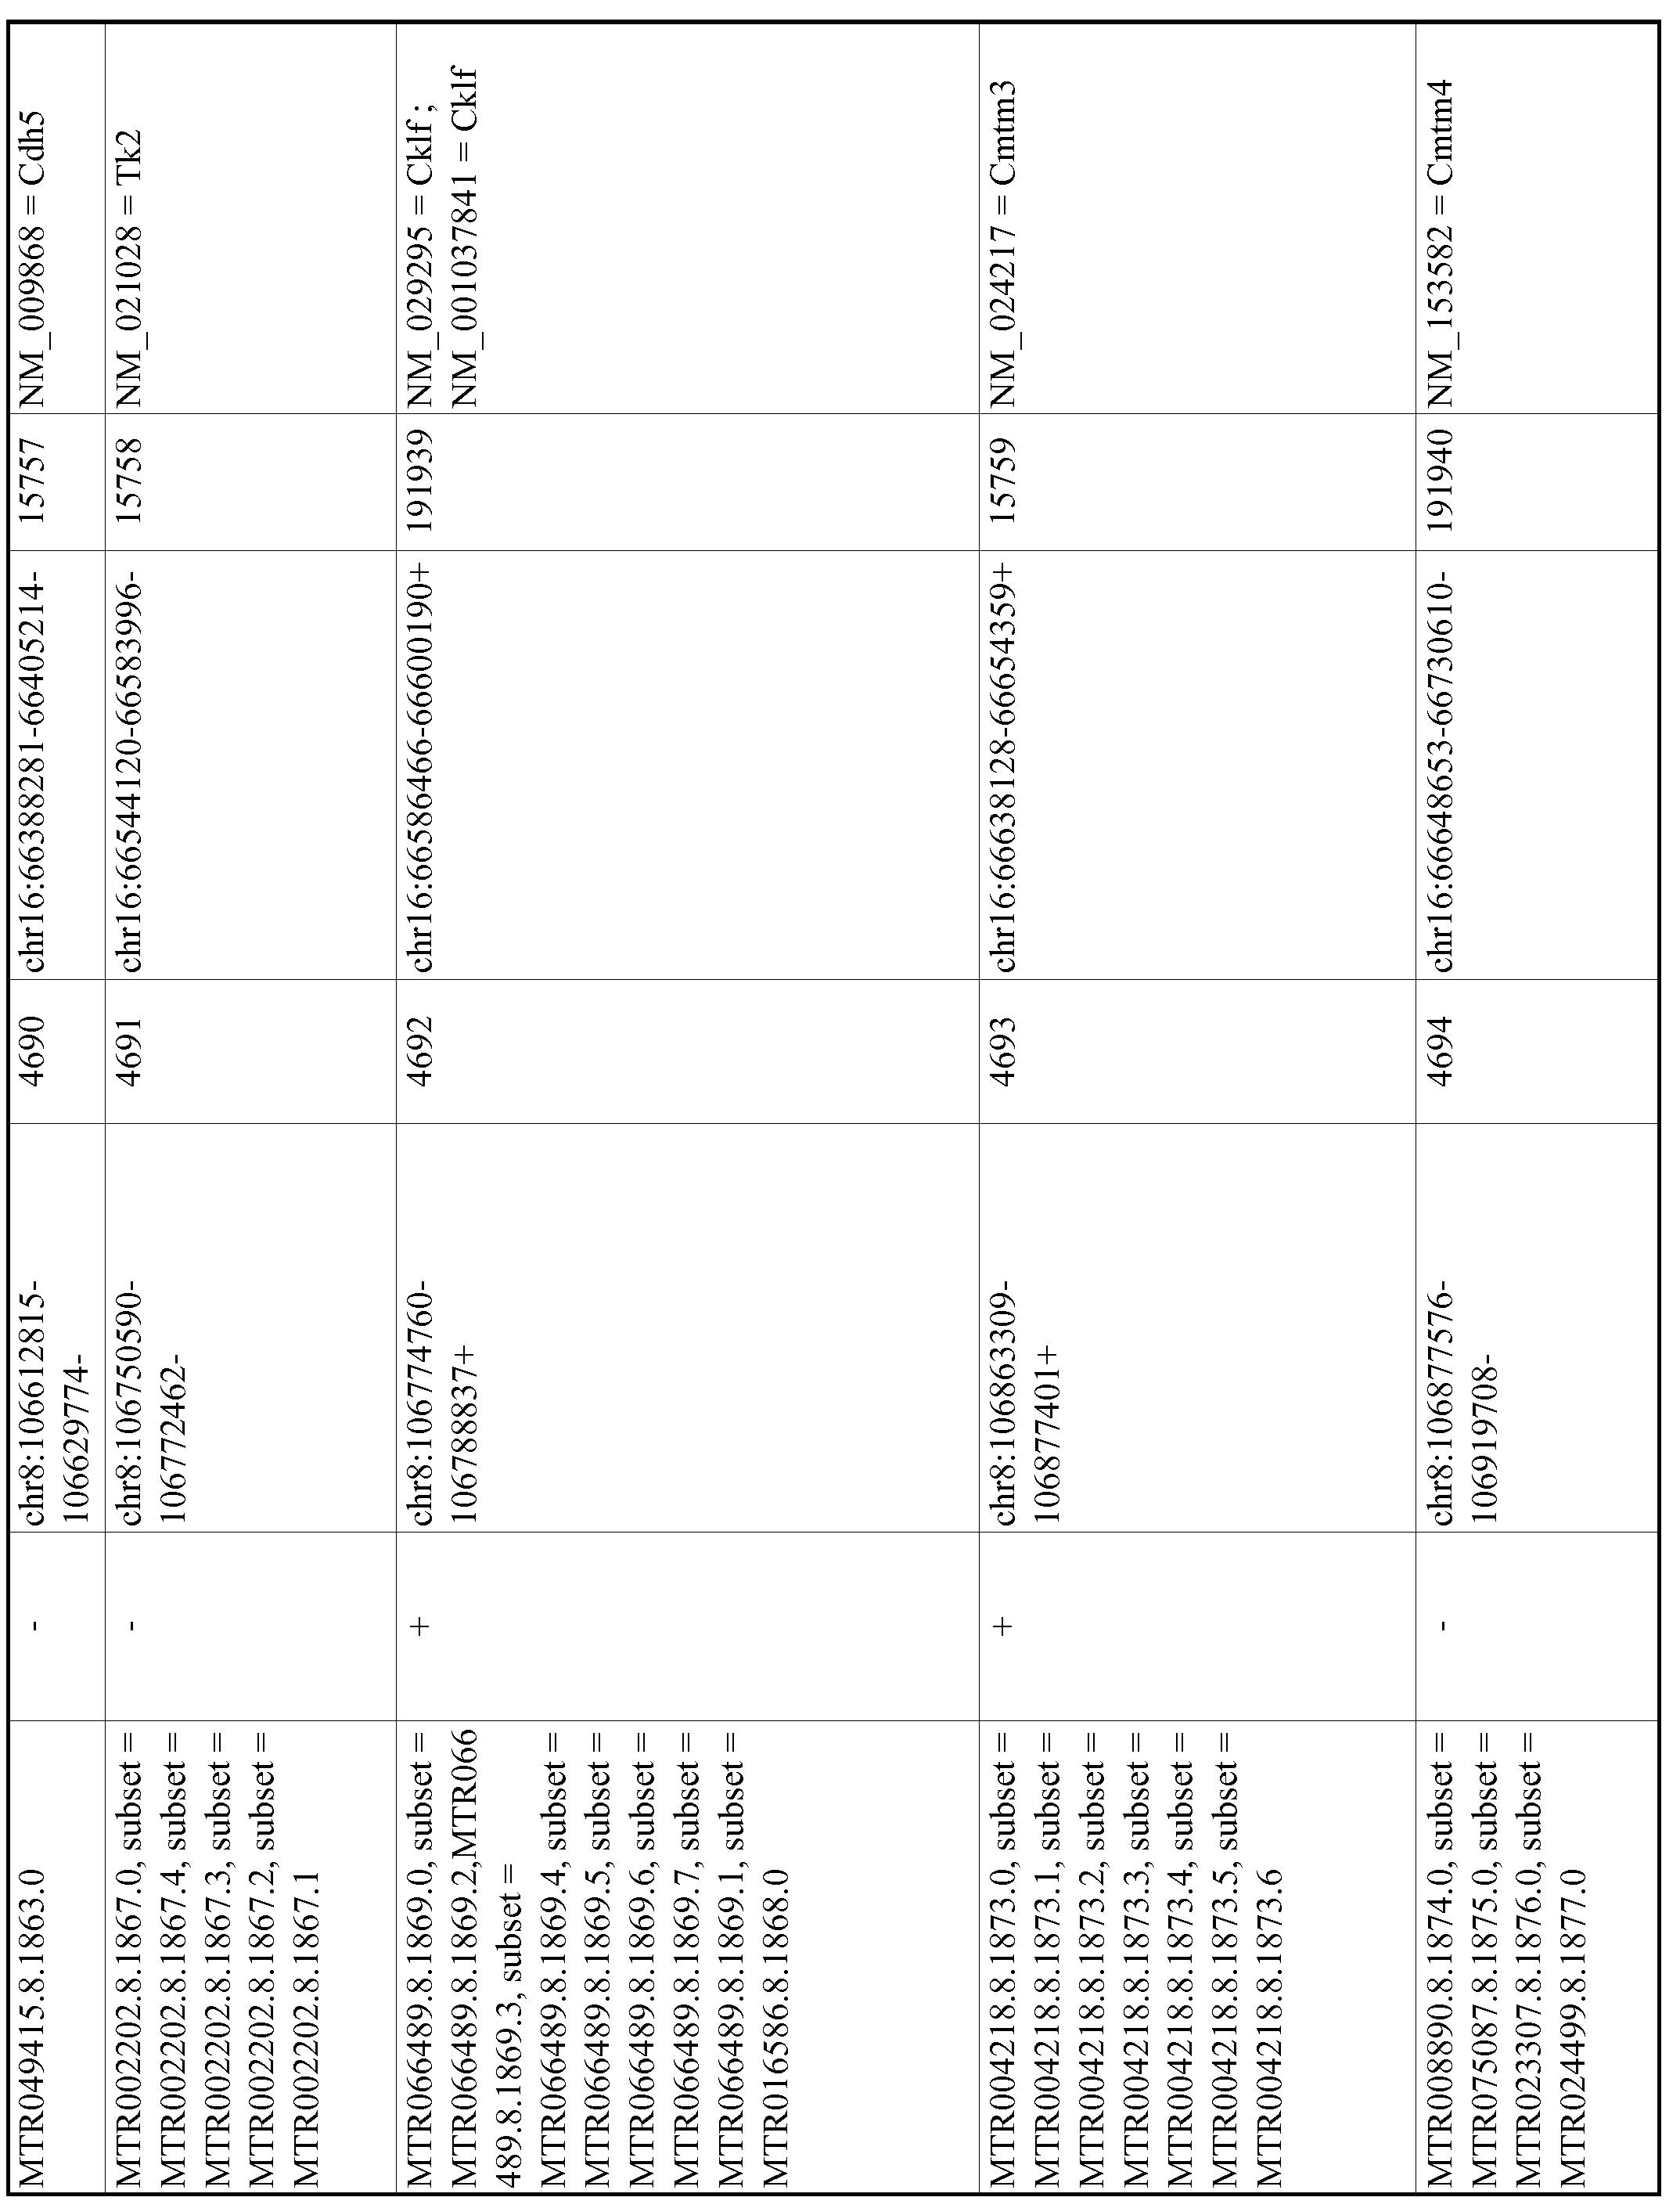 Figure imgf000869_0001